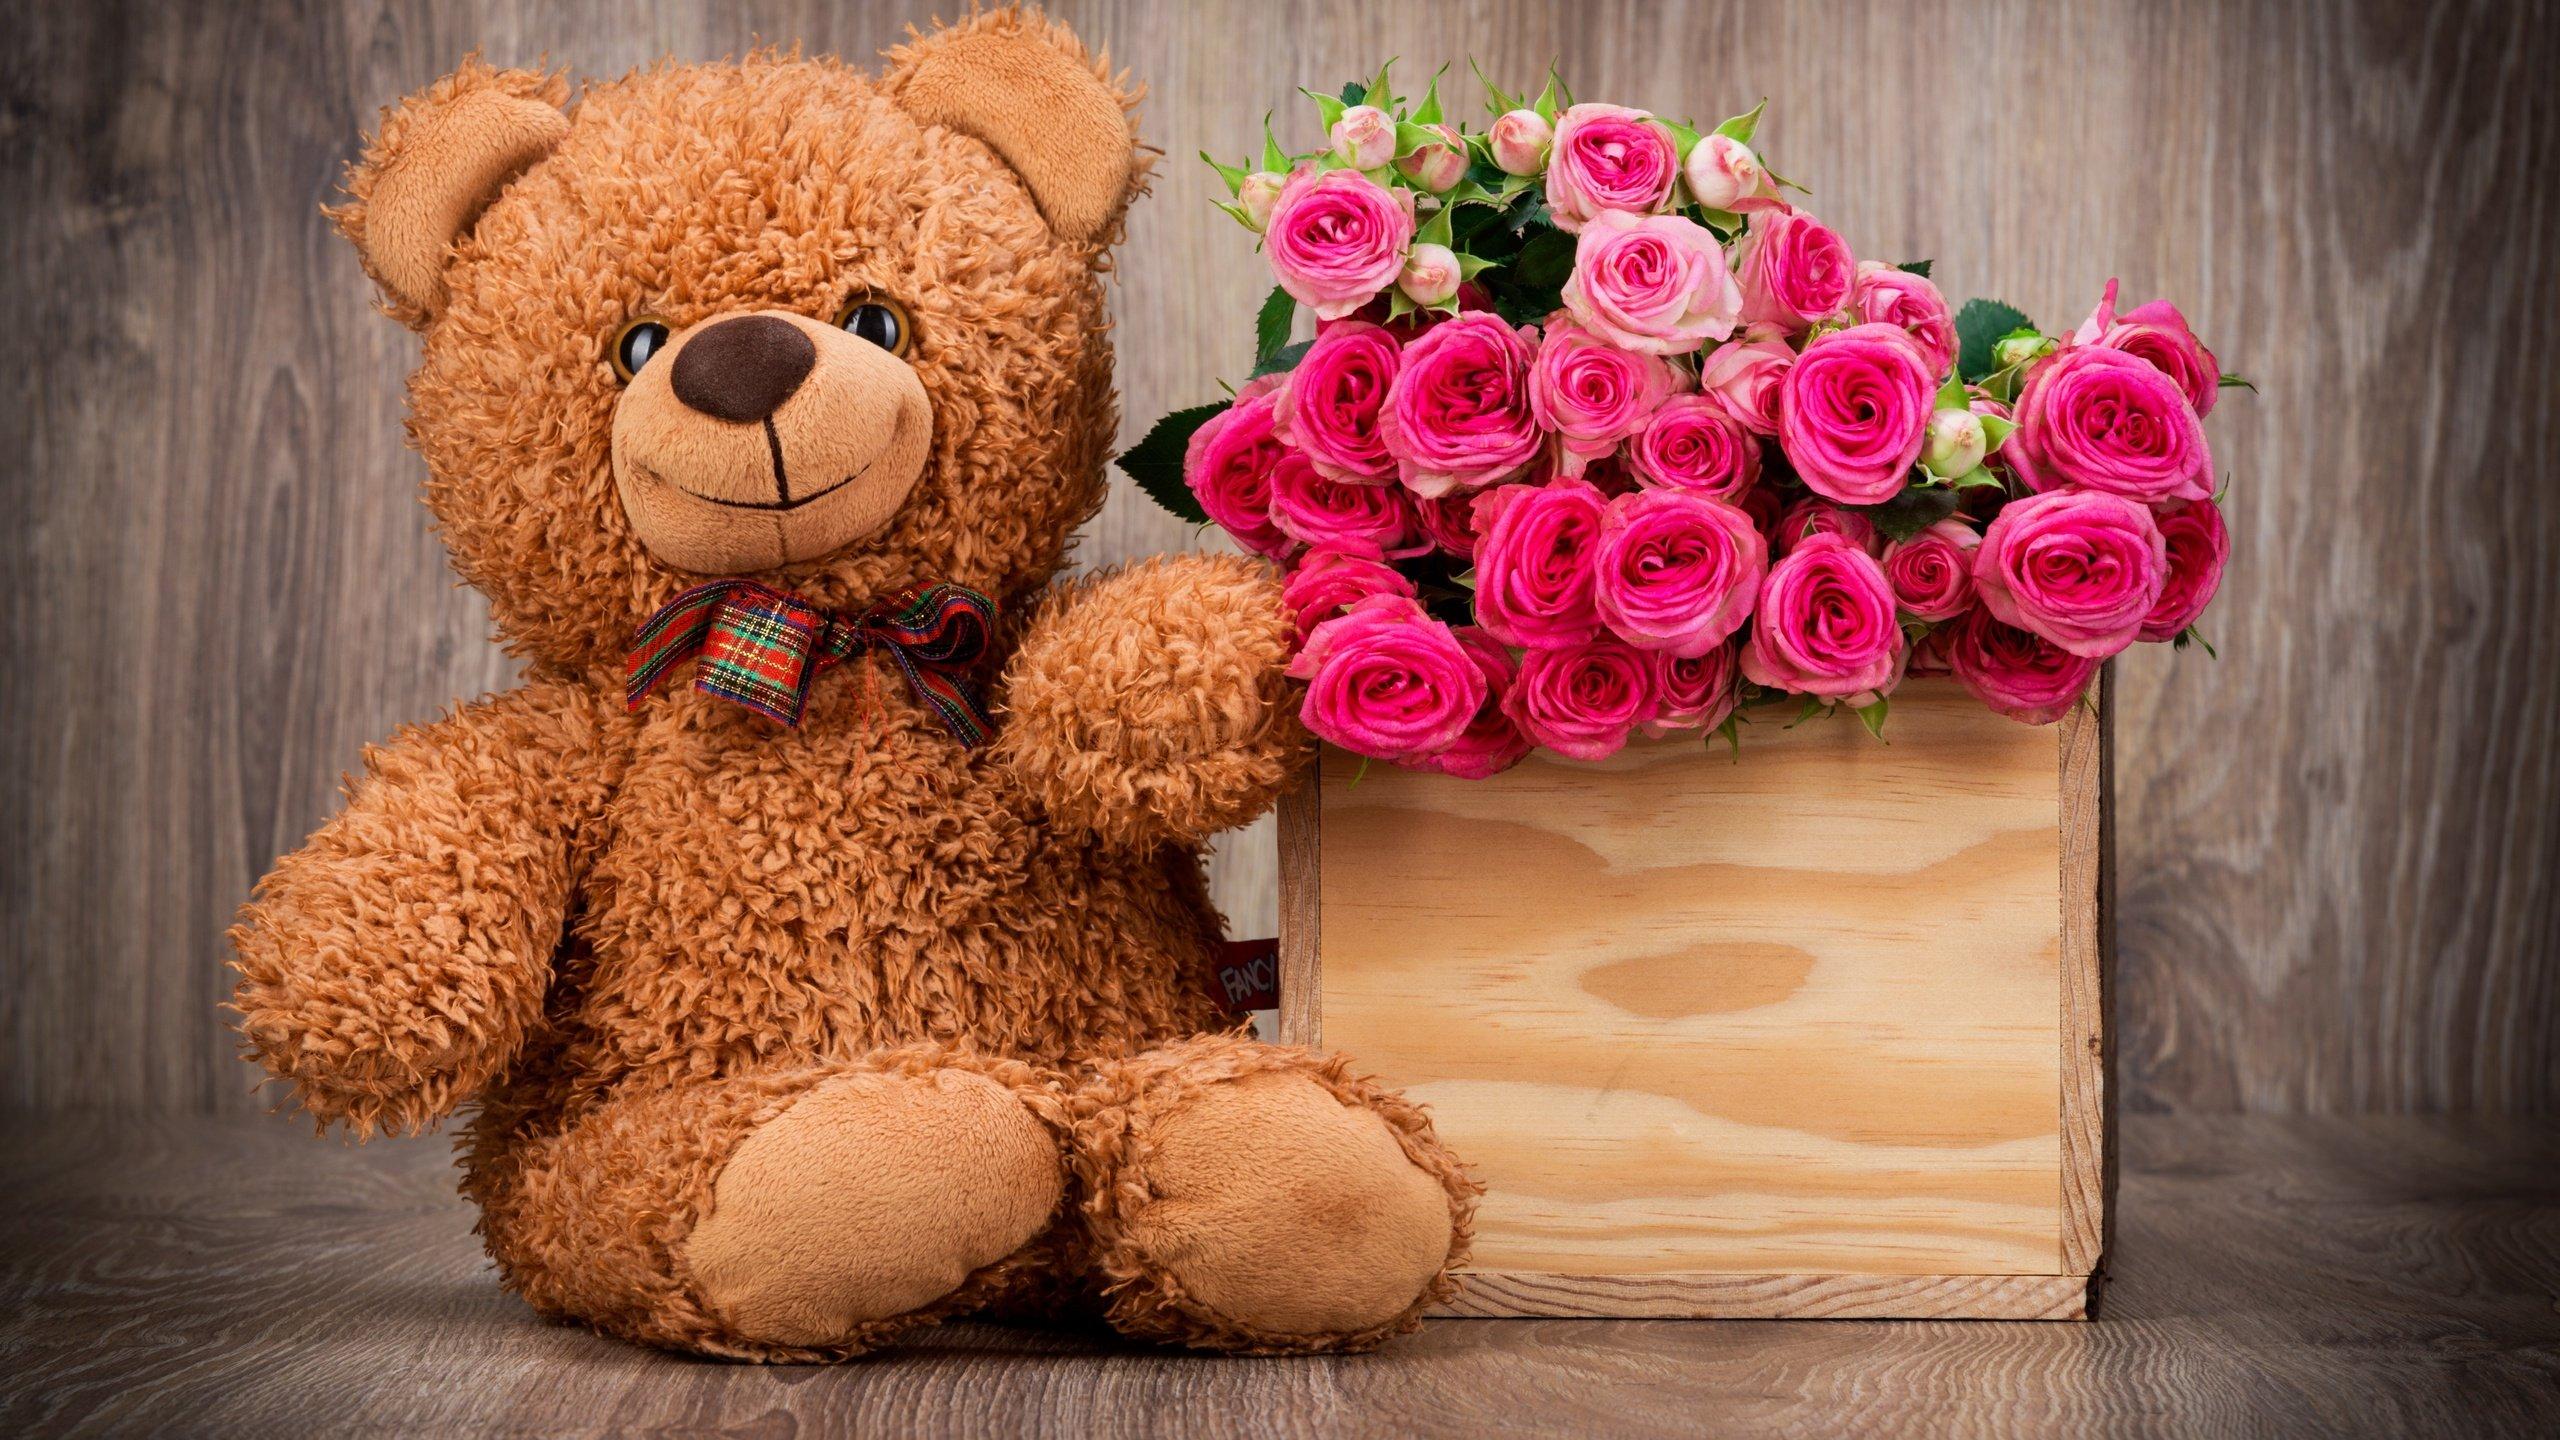 красивые букеты цветов фото на день рождения сестре